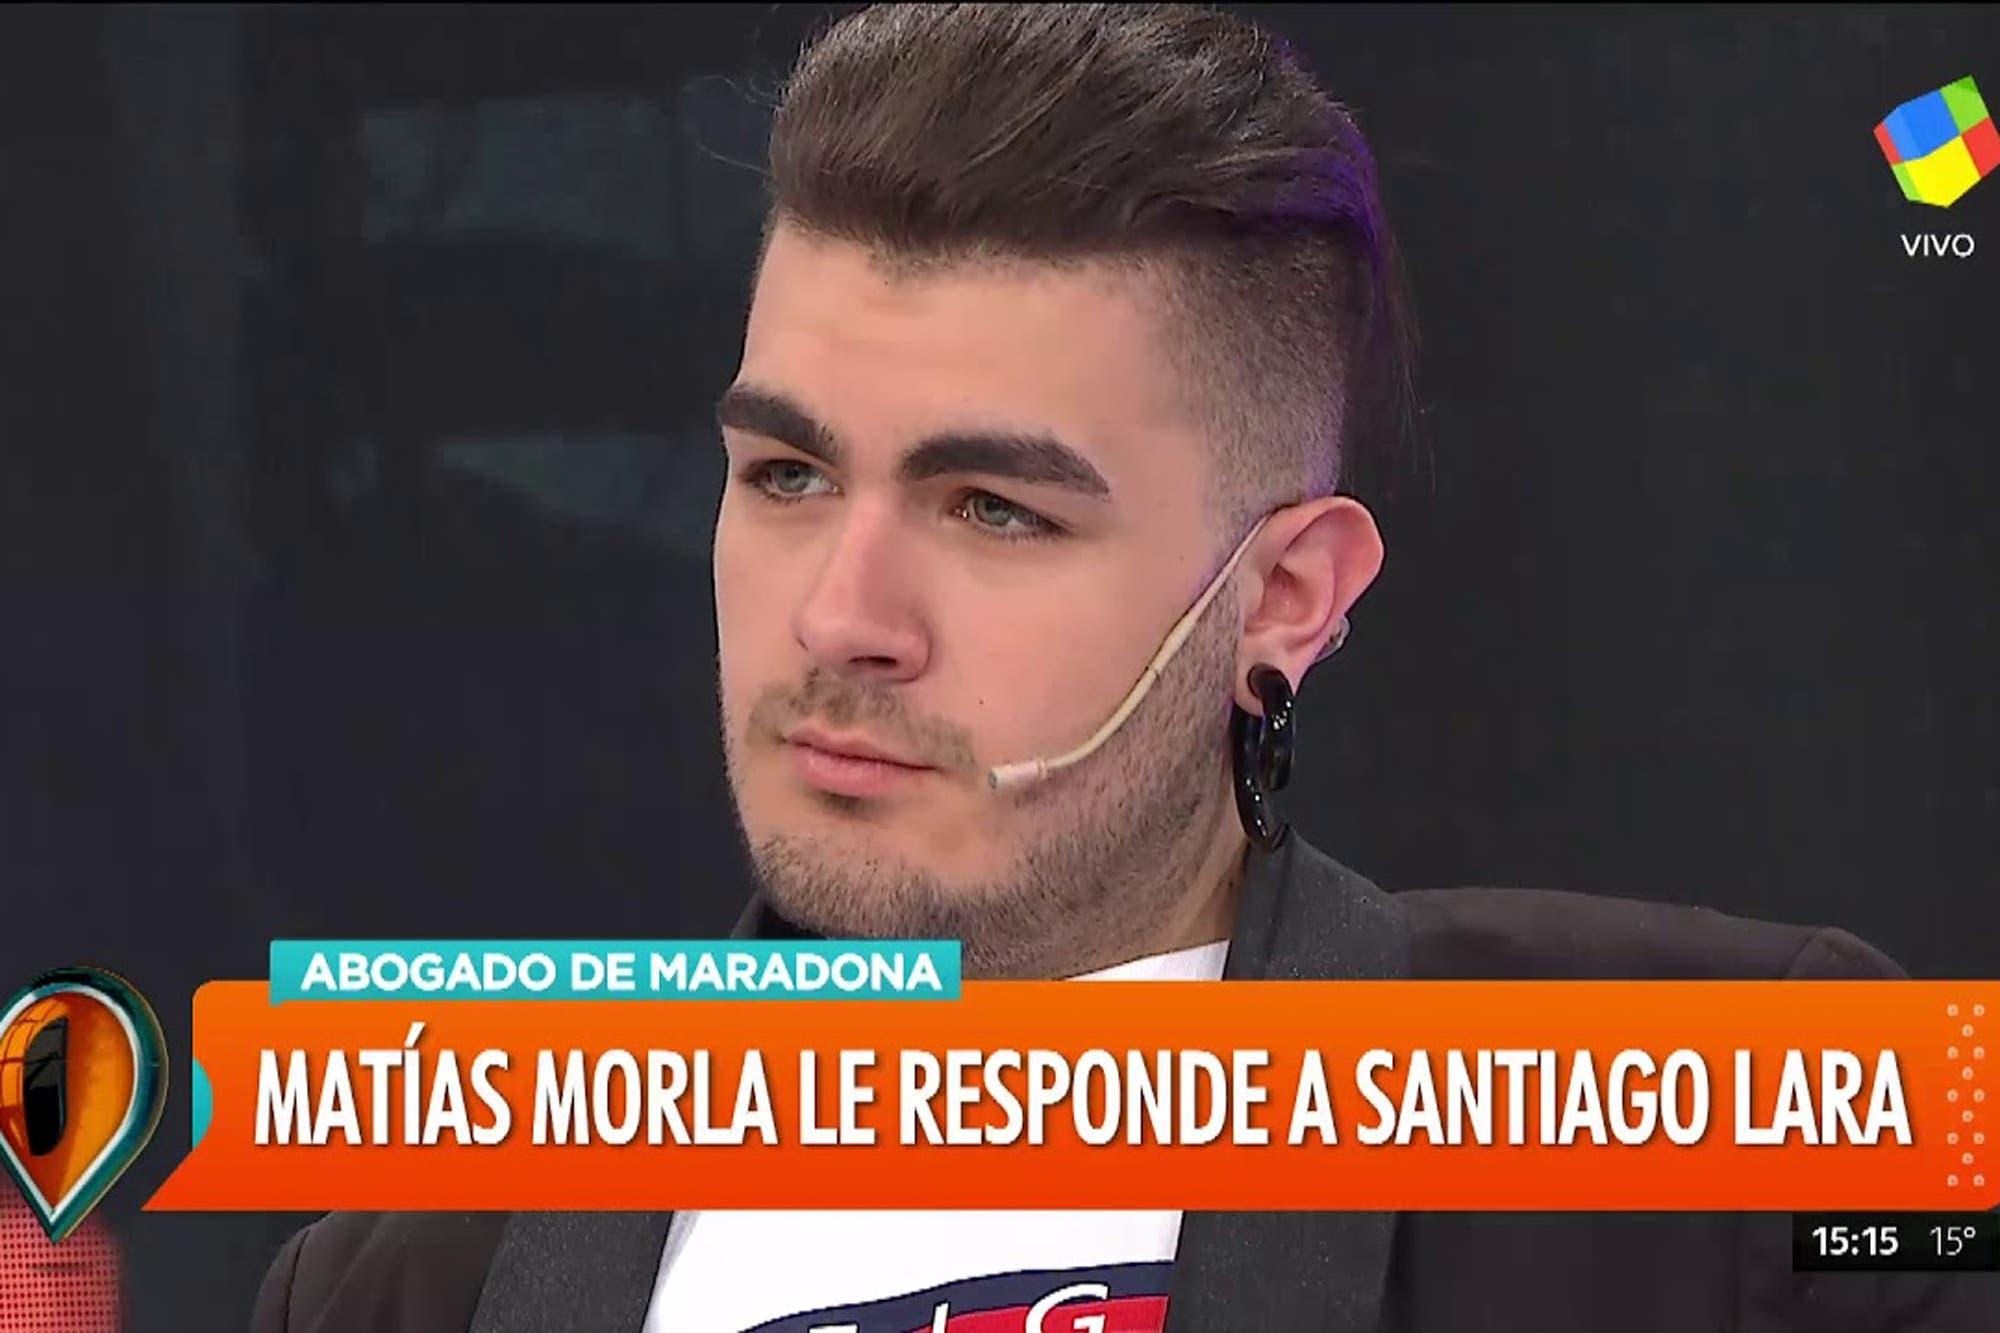 """La lucha de Santiago Lara, el supuesto hijo platense de Diego Maradona: """"Voy a seguir peleando por mi identidad"""""""